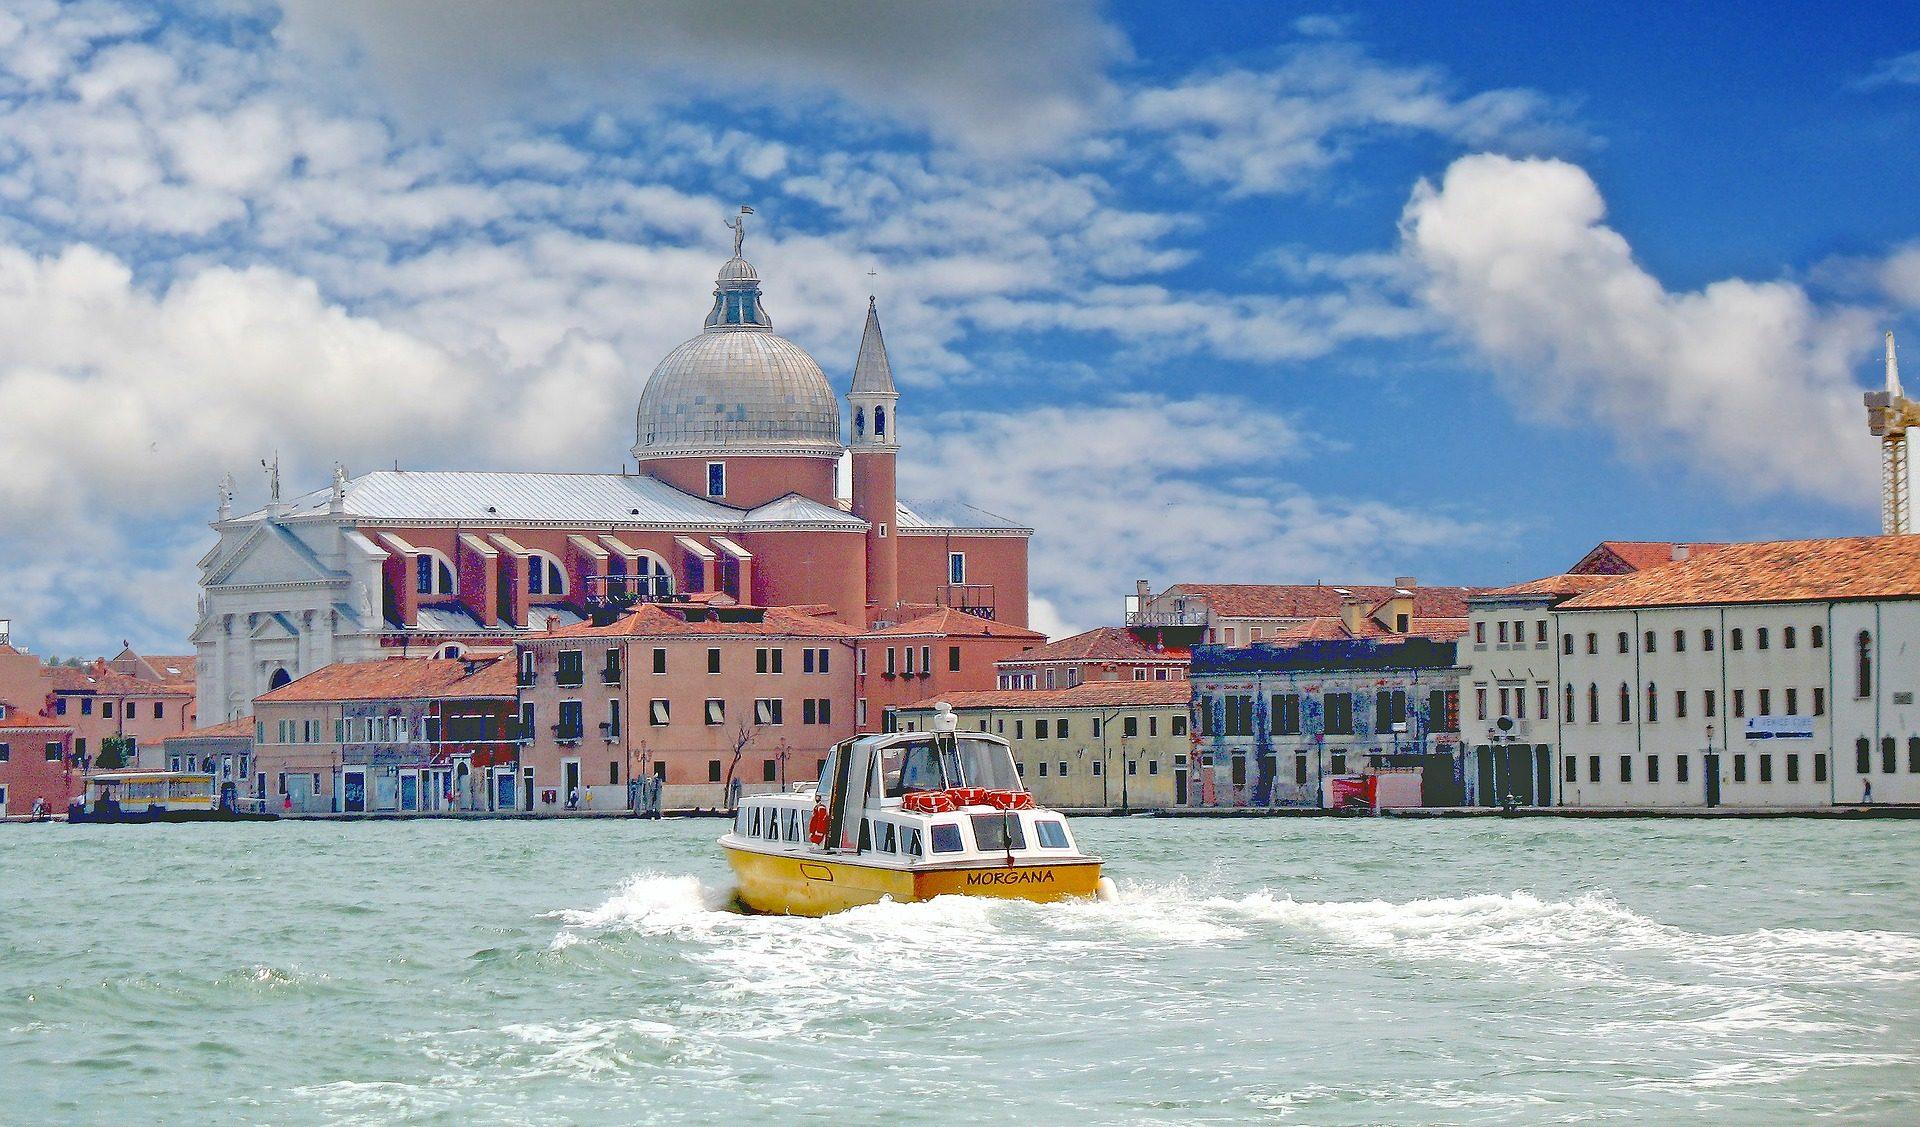 barco, Mar, Costa, edifícios, Igreja, Cúpula, Itália - Papéis de parede HD - Professor-falken.com